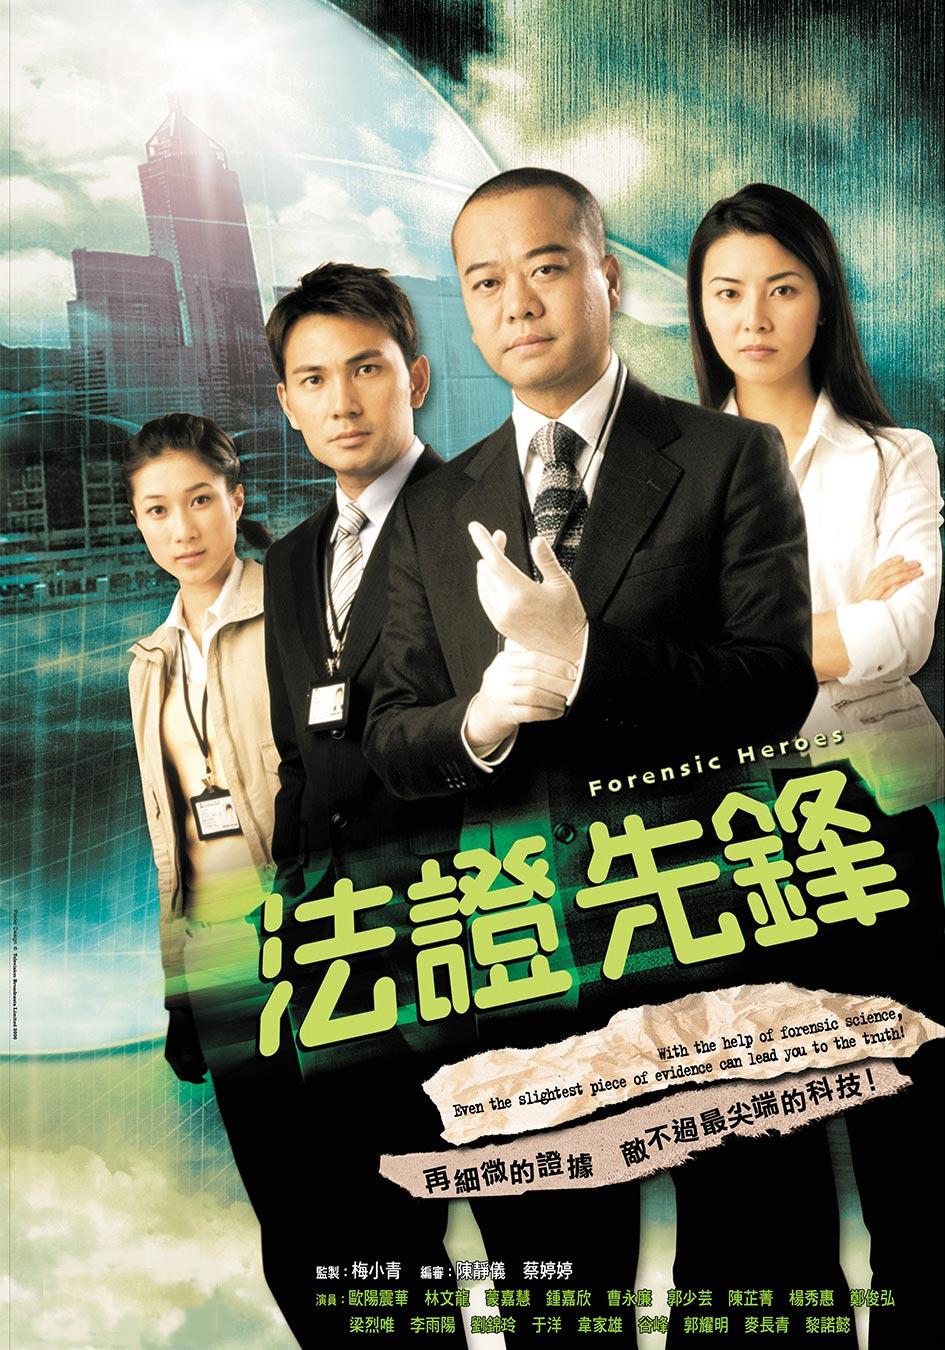 法證先鋒-Forensic Heroes